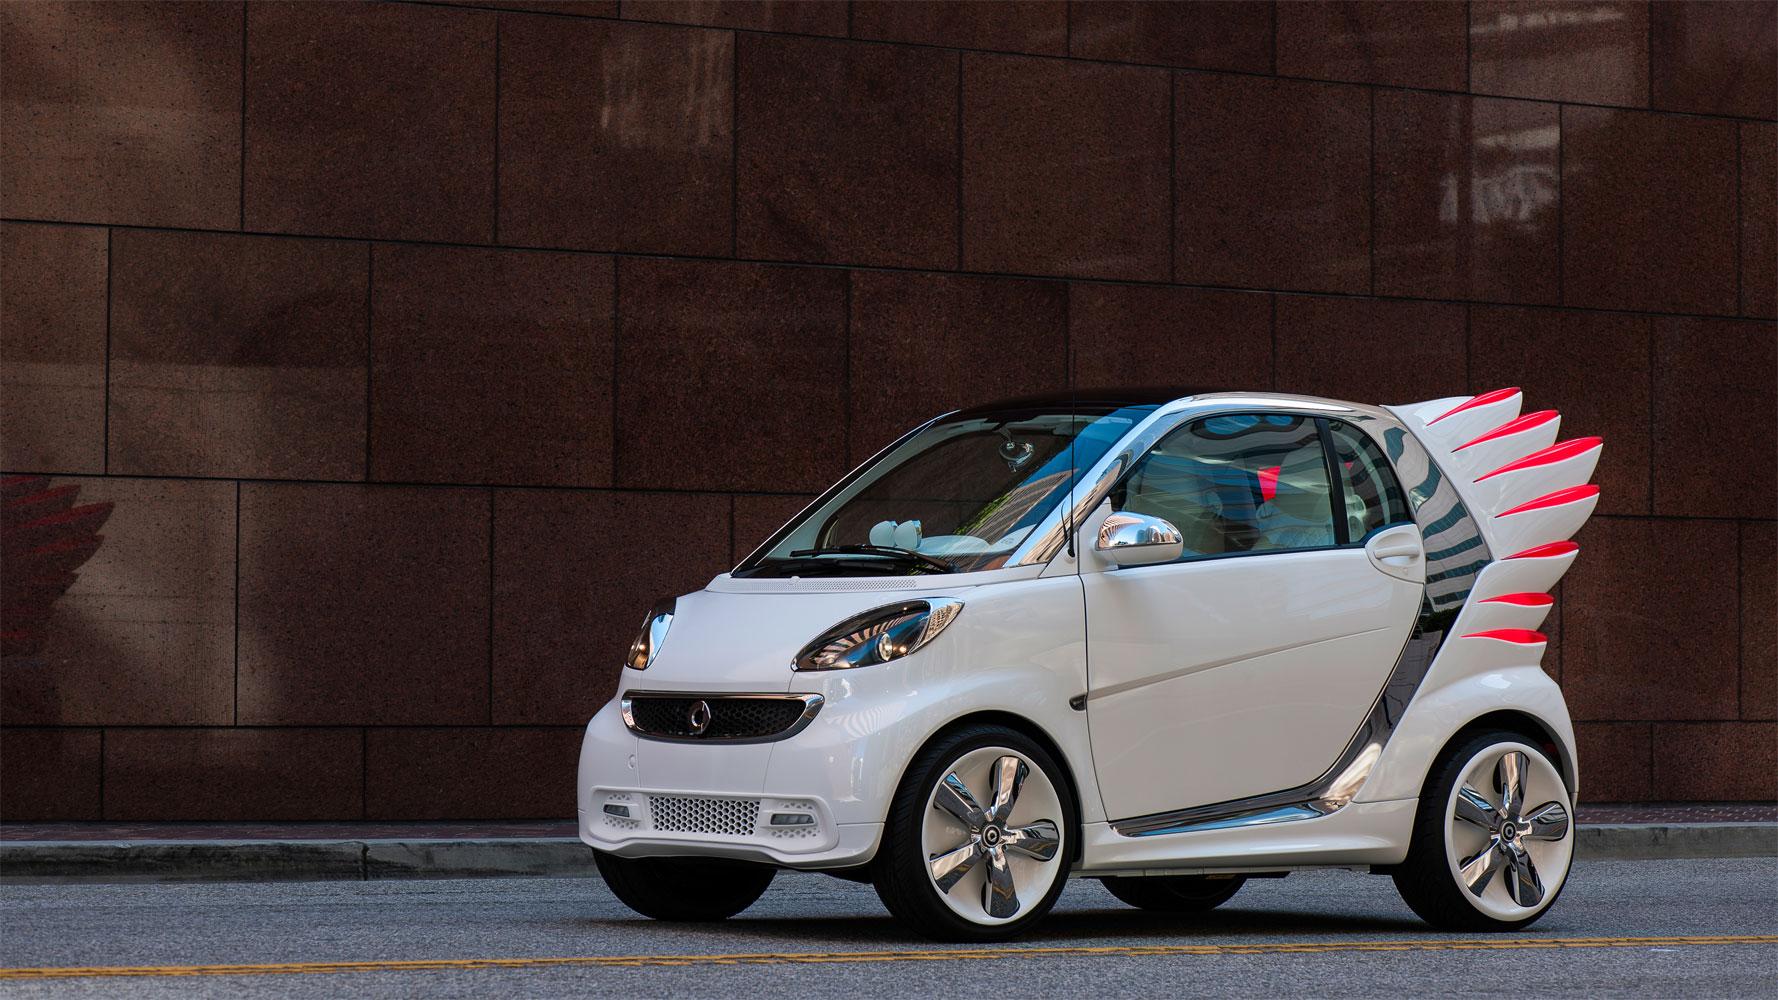 smart forjeremy: electric drive erhält Flügel